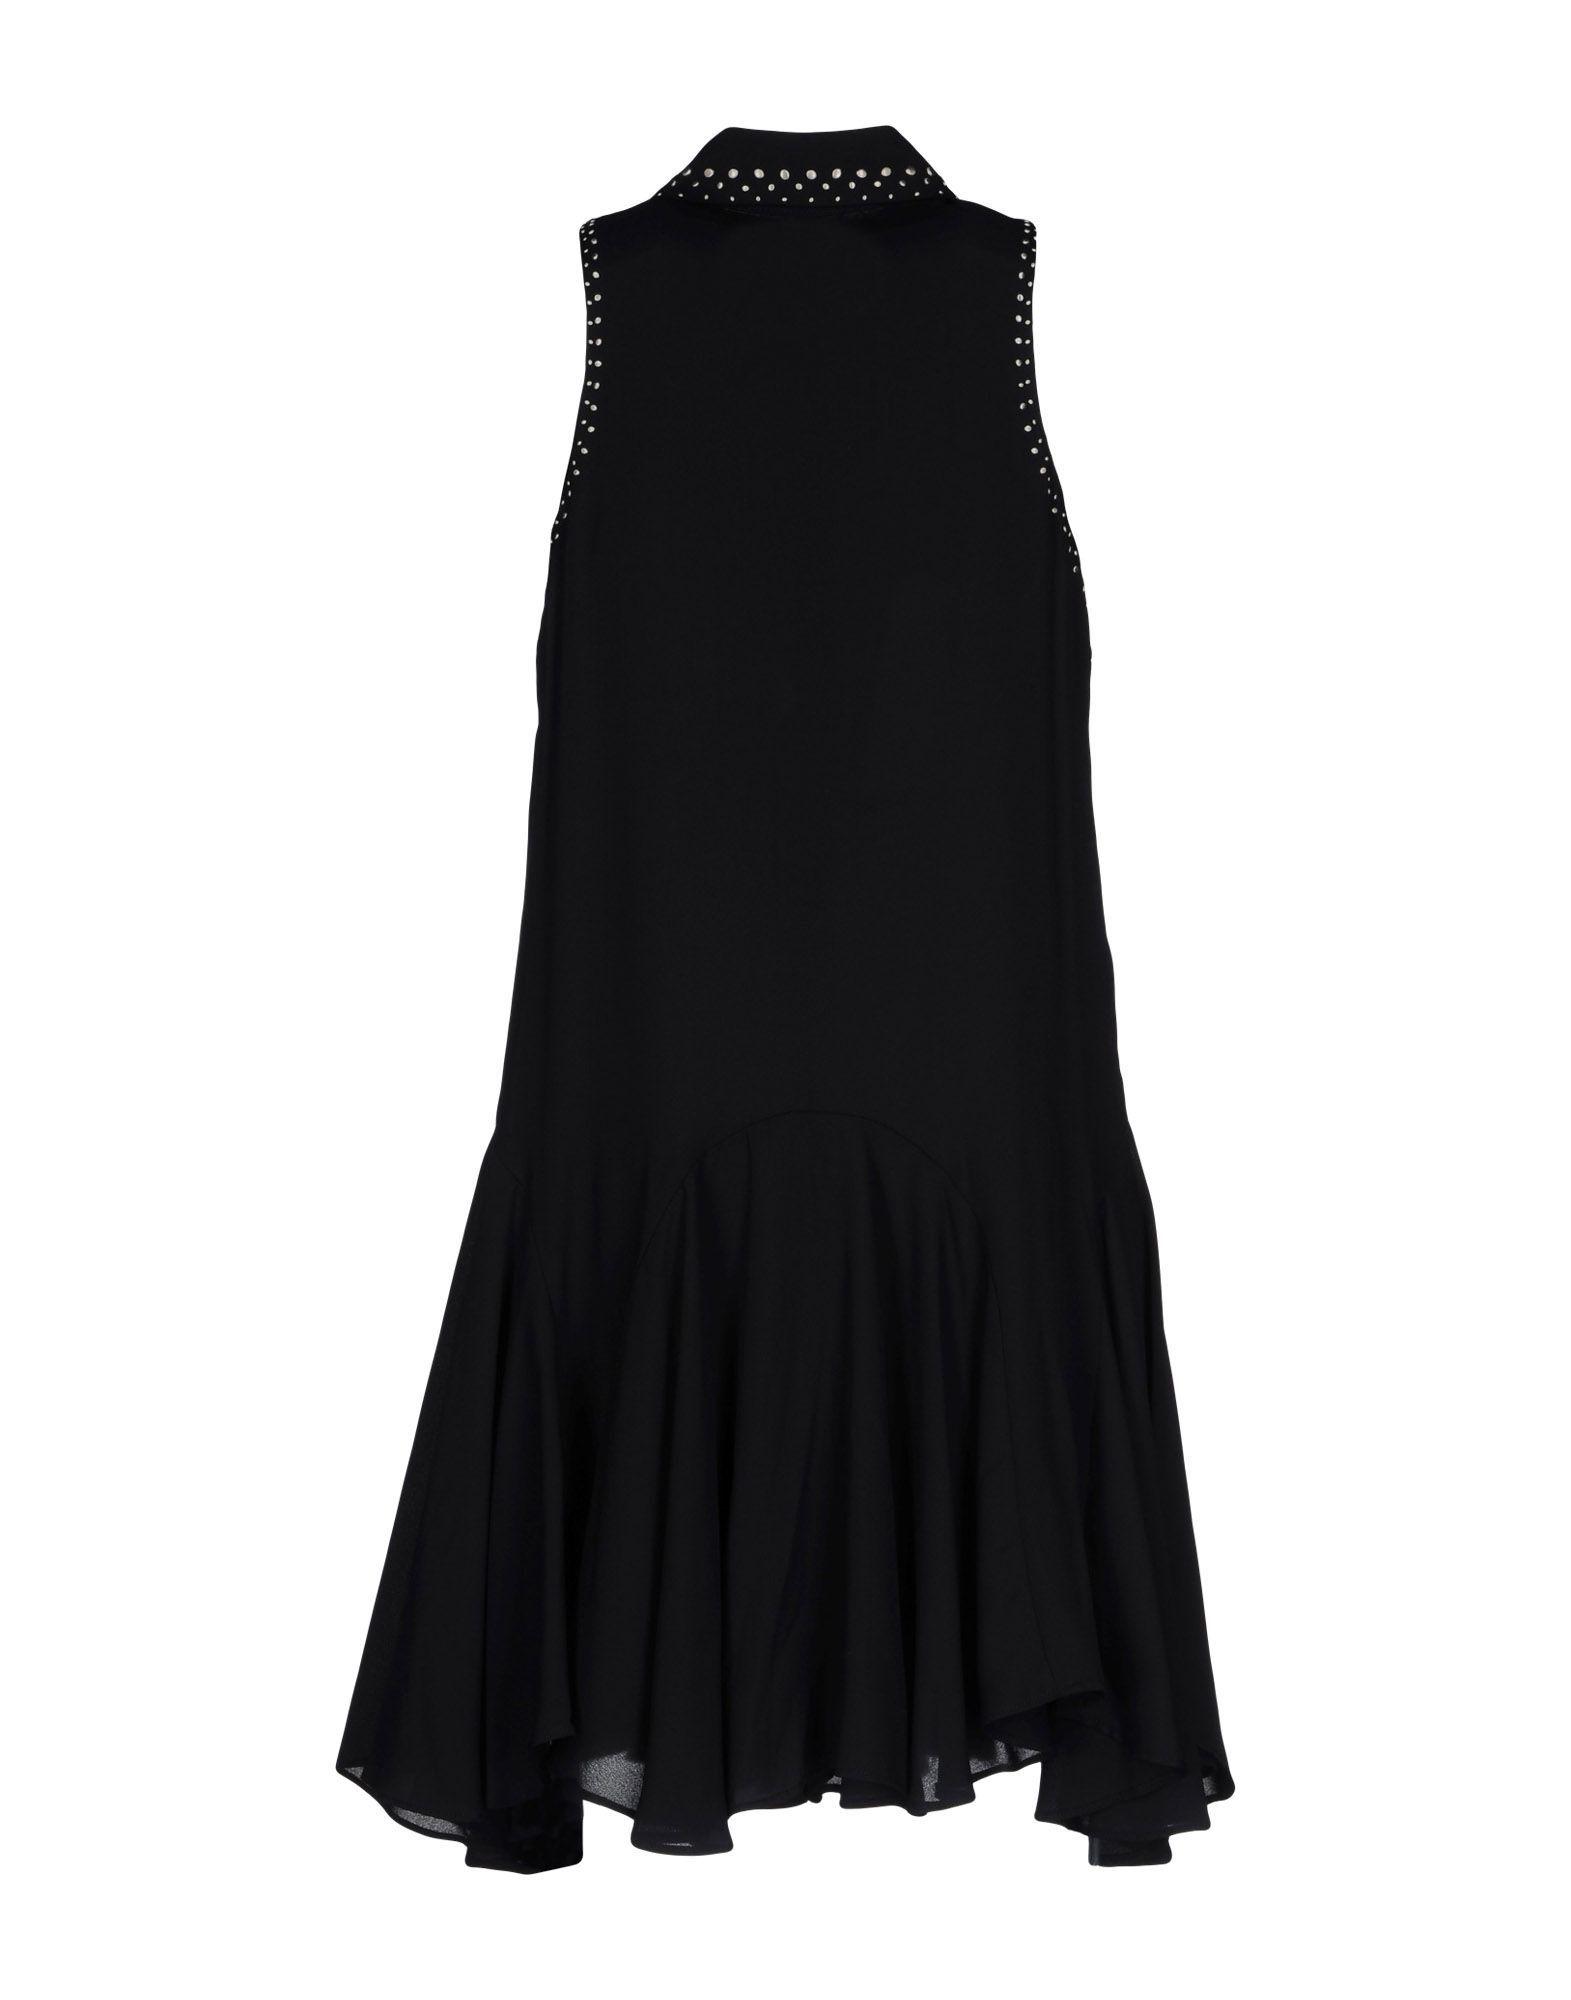 Pepe Jeans Black Crepe Shirt Dress